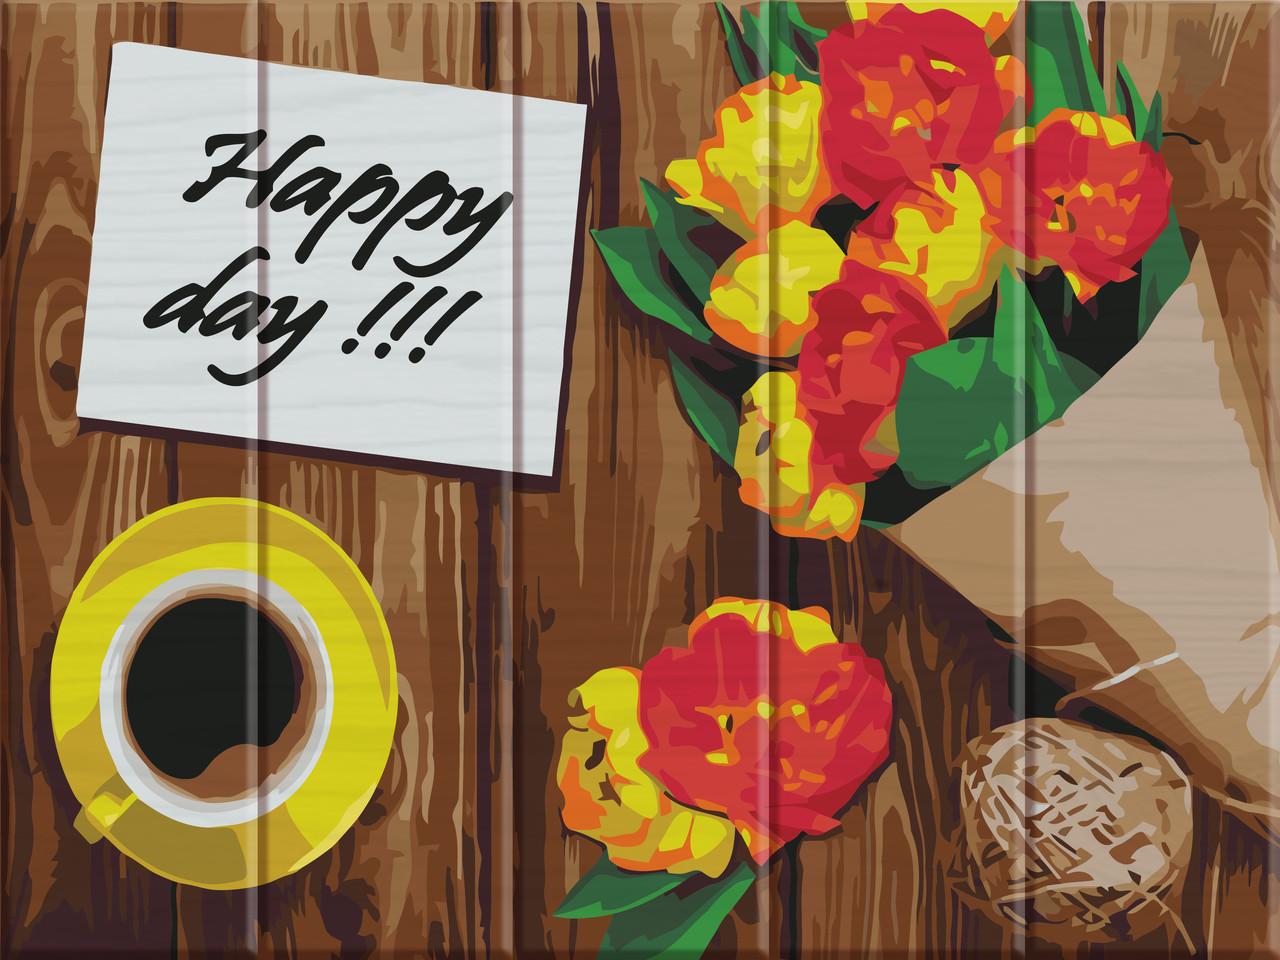 Картина по номерам Happy day, 30x40 см., Art Story